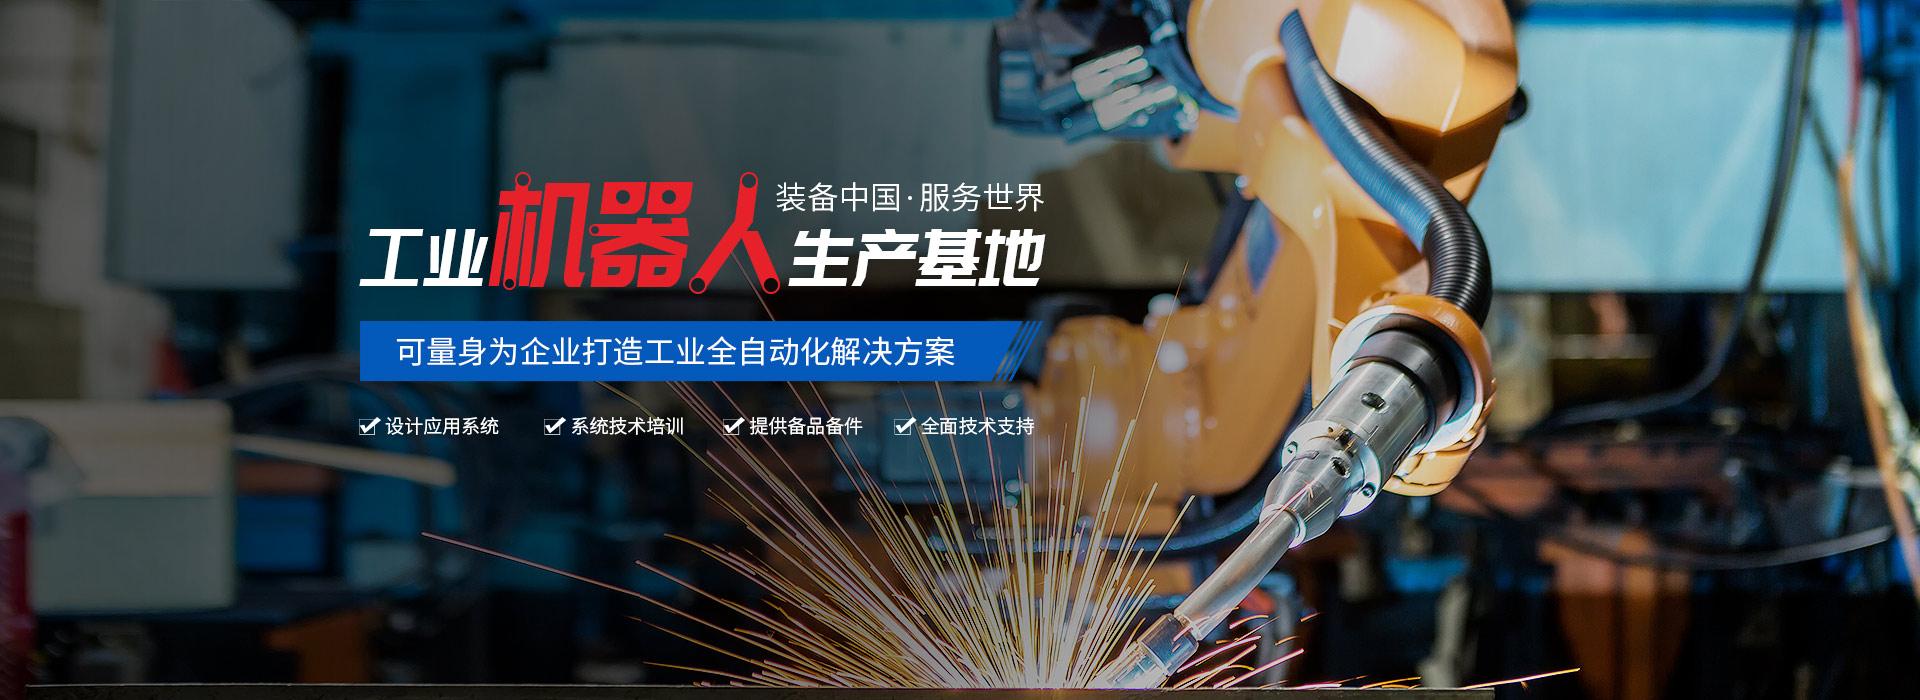 悦川机器人-工业机器人生产基地